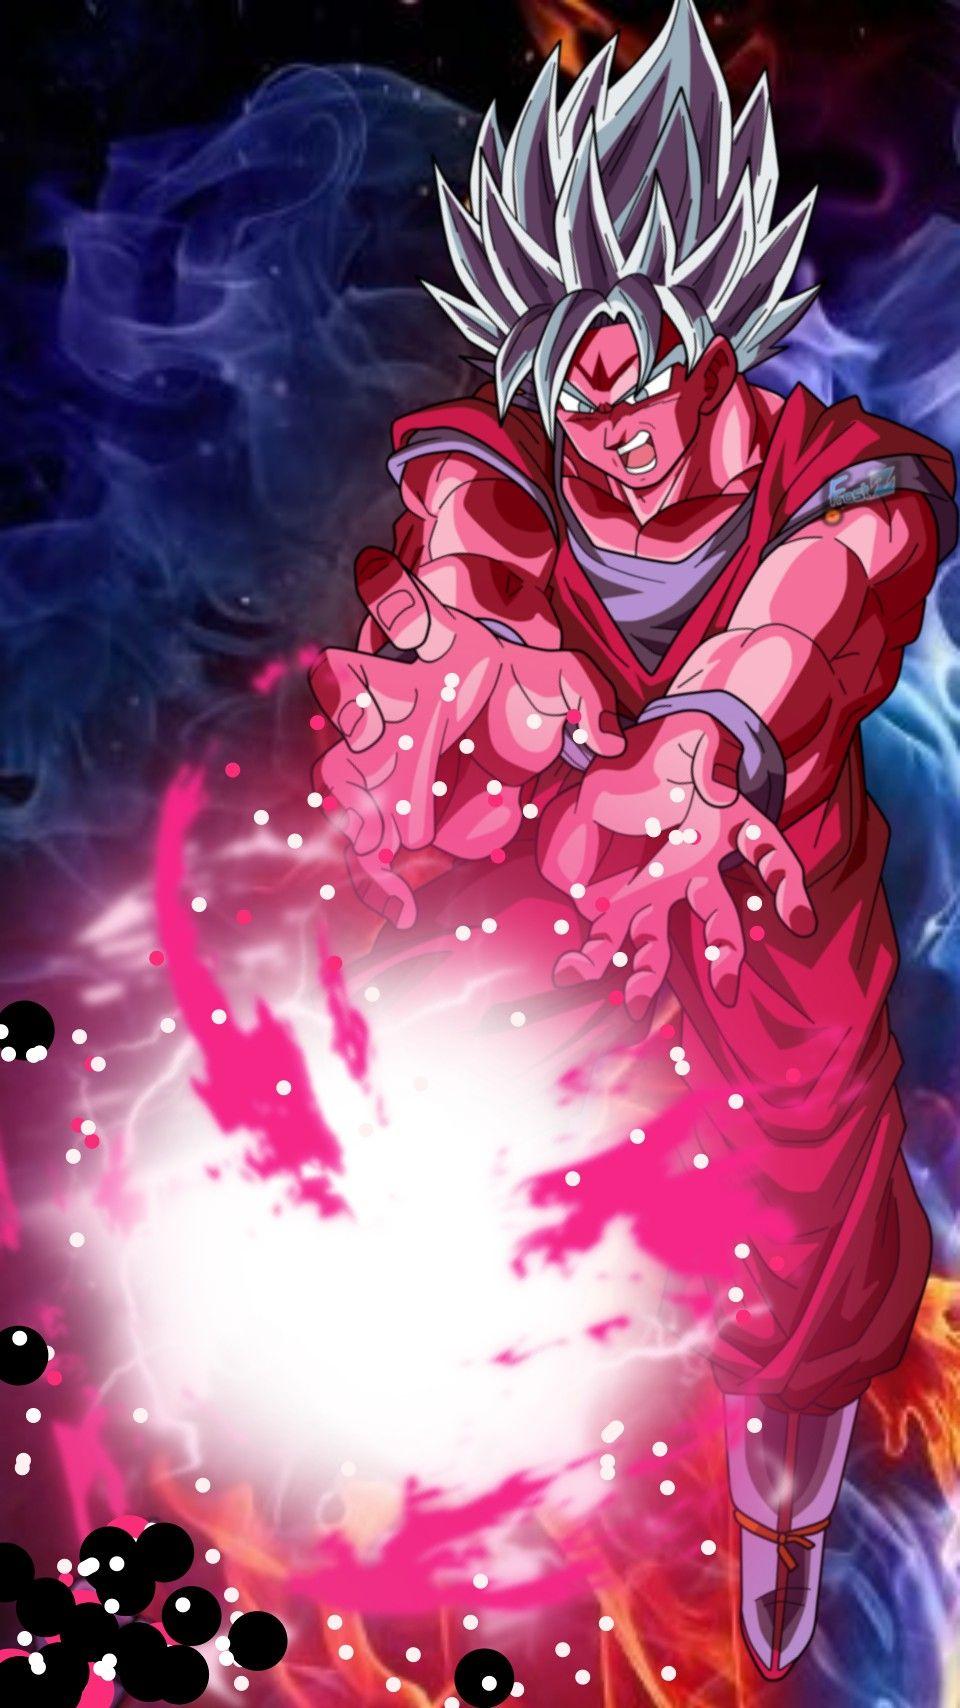 Time For Powerup Goku Ssjblue Kaioken Anime Dragon Ball Super Dragon Ball Goku Dragon Ball